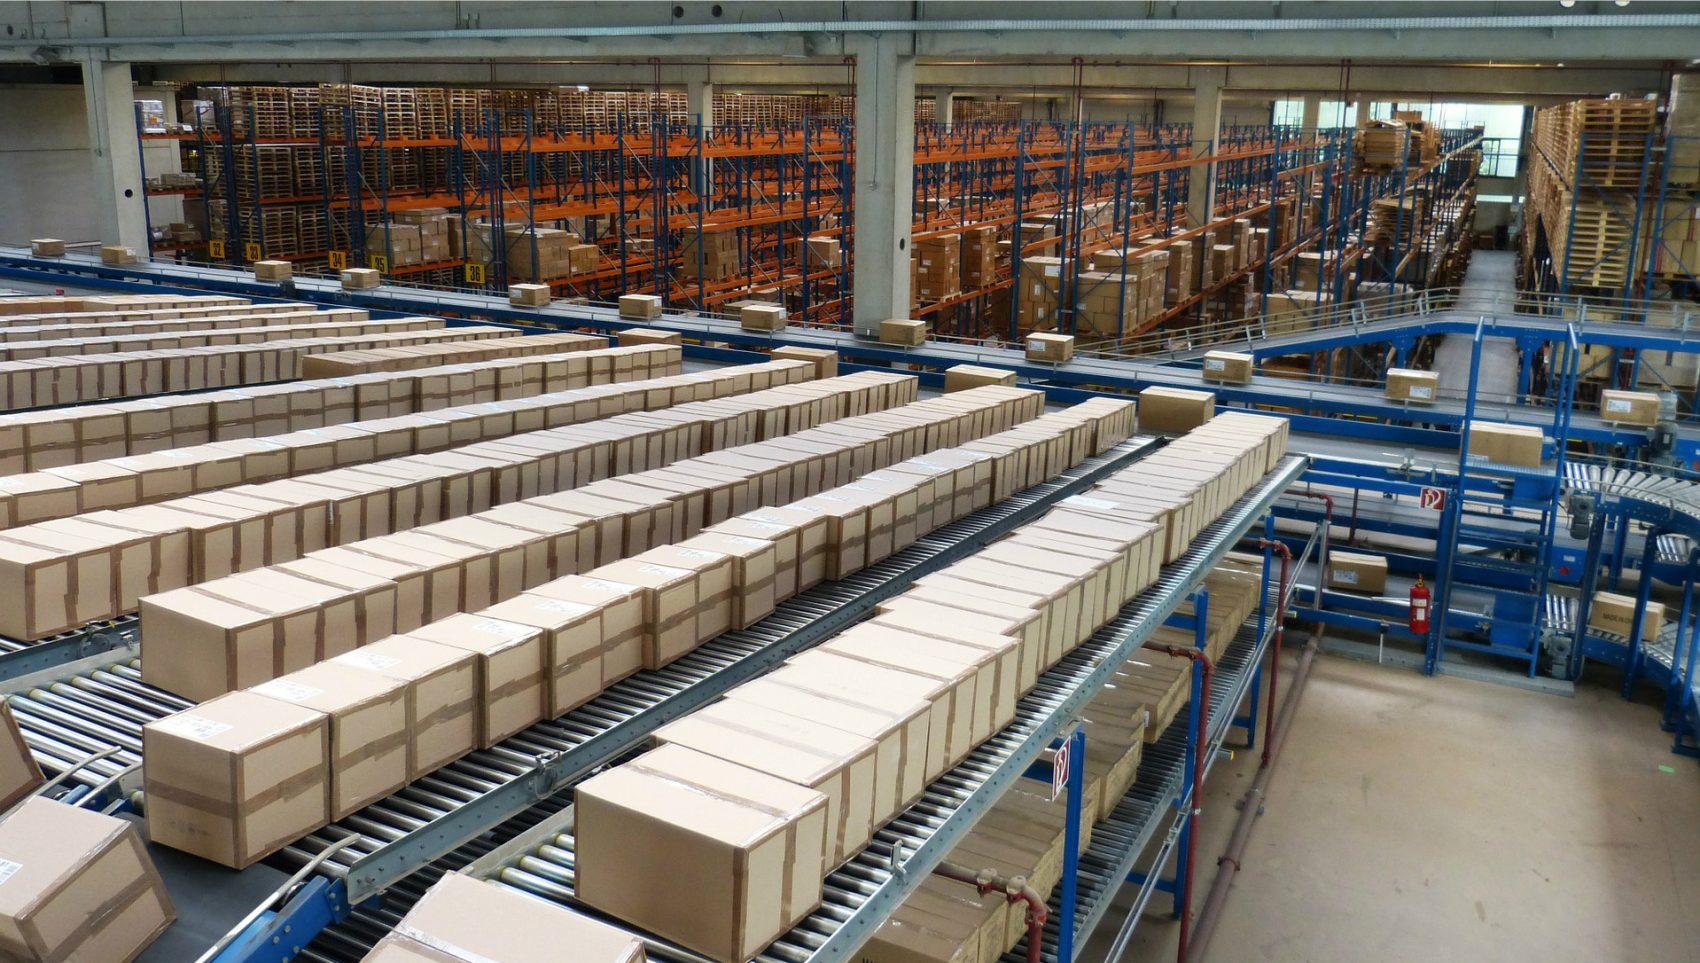 Eliminando barreras en el Mercado Único Digital: el coste de los envíos internacionales de paquetes